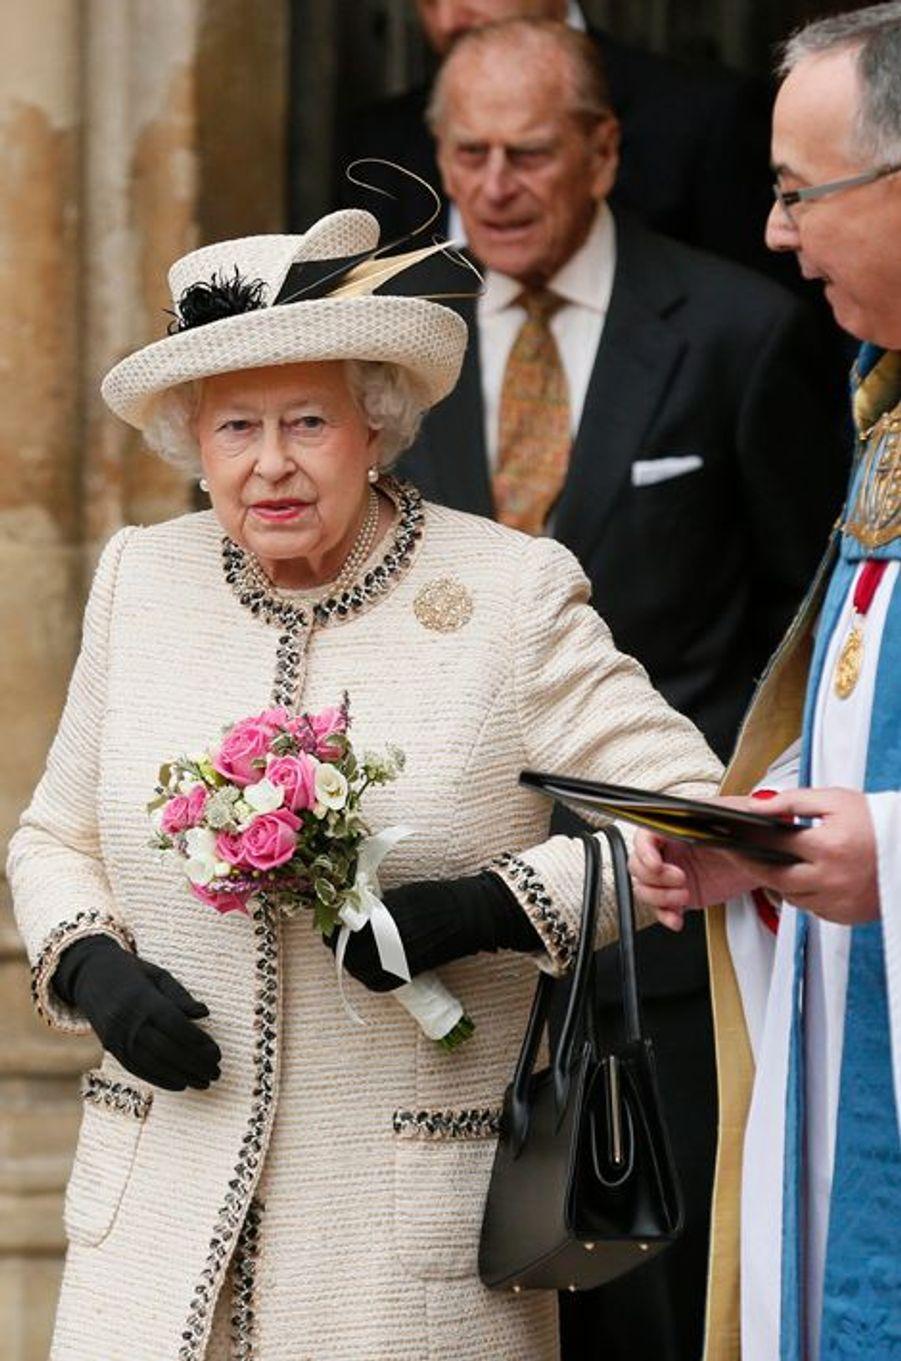 La reine Elizabeth II et le duc d'Edimbourg quittent l'abbaye de Westminster à Londres, le 9 mars 2015